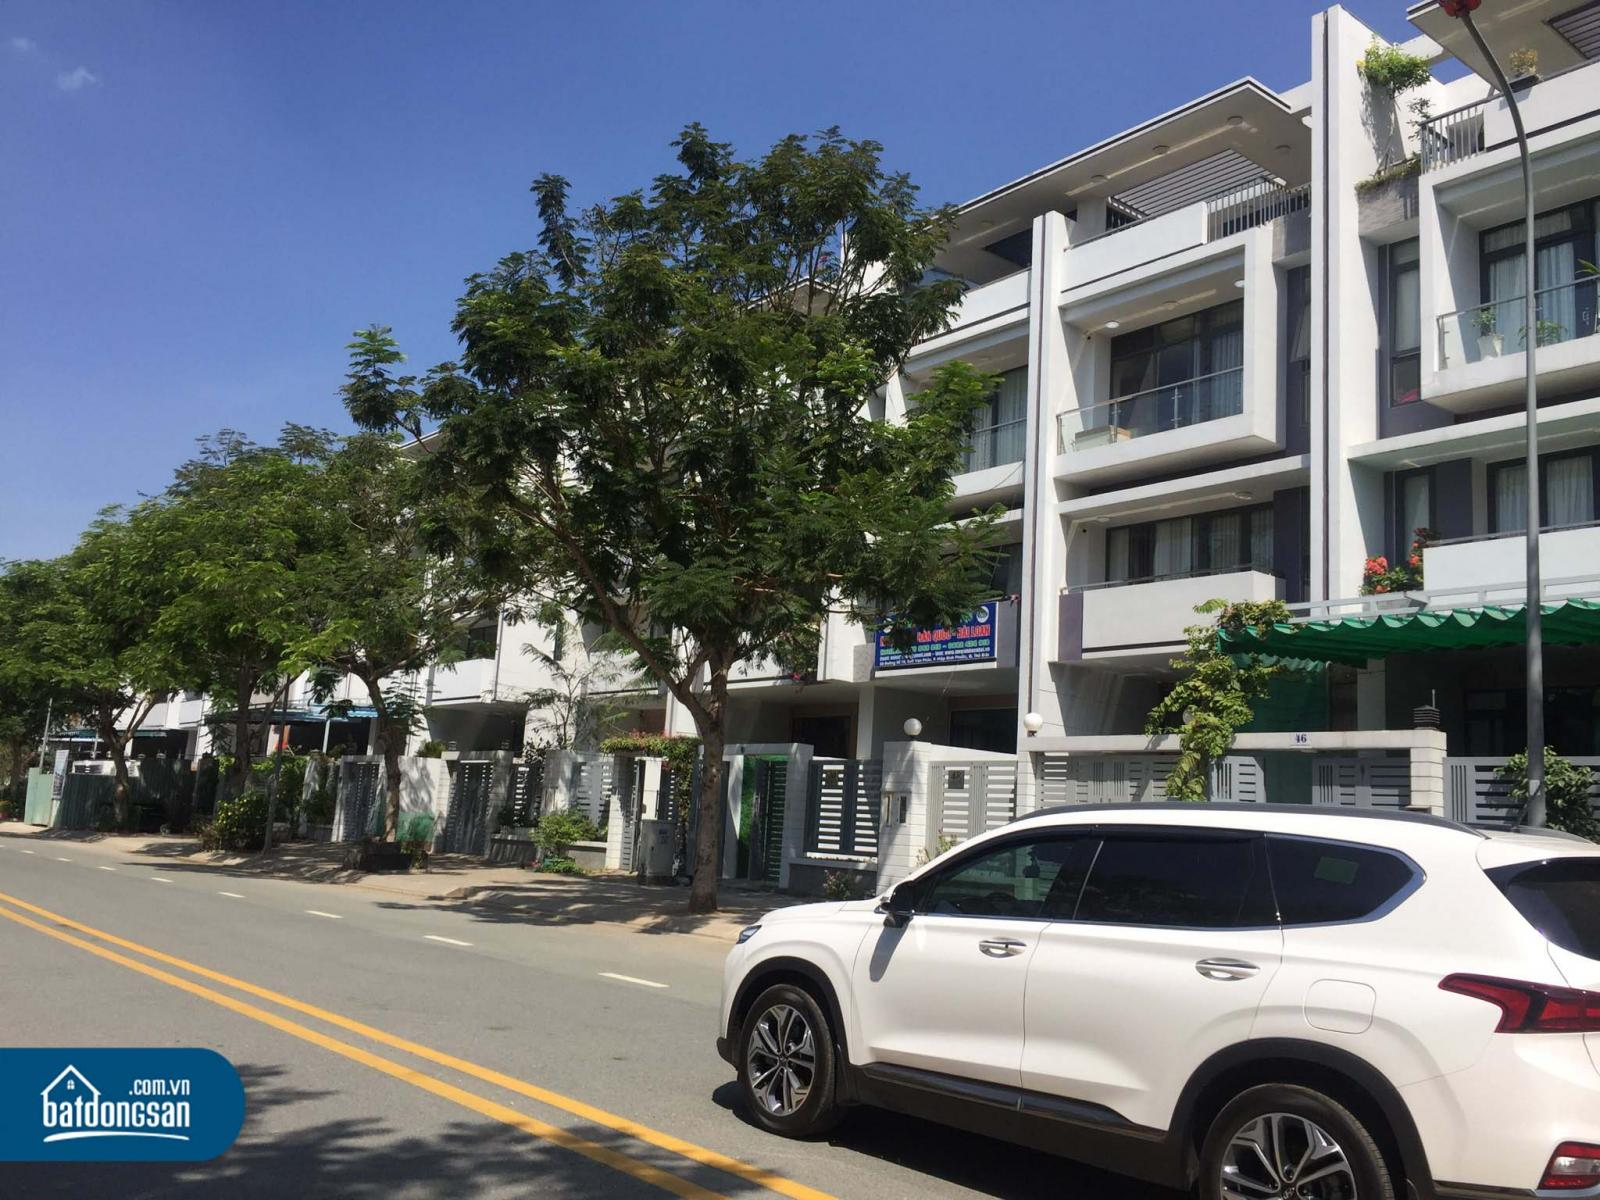 Dãy nhà liền kề nằm cạnh con đường lớn, cây xanh, ô tô màu trắng.